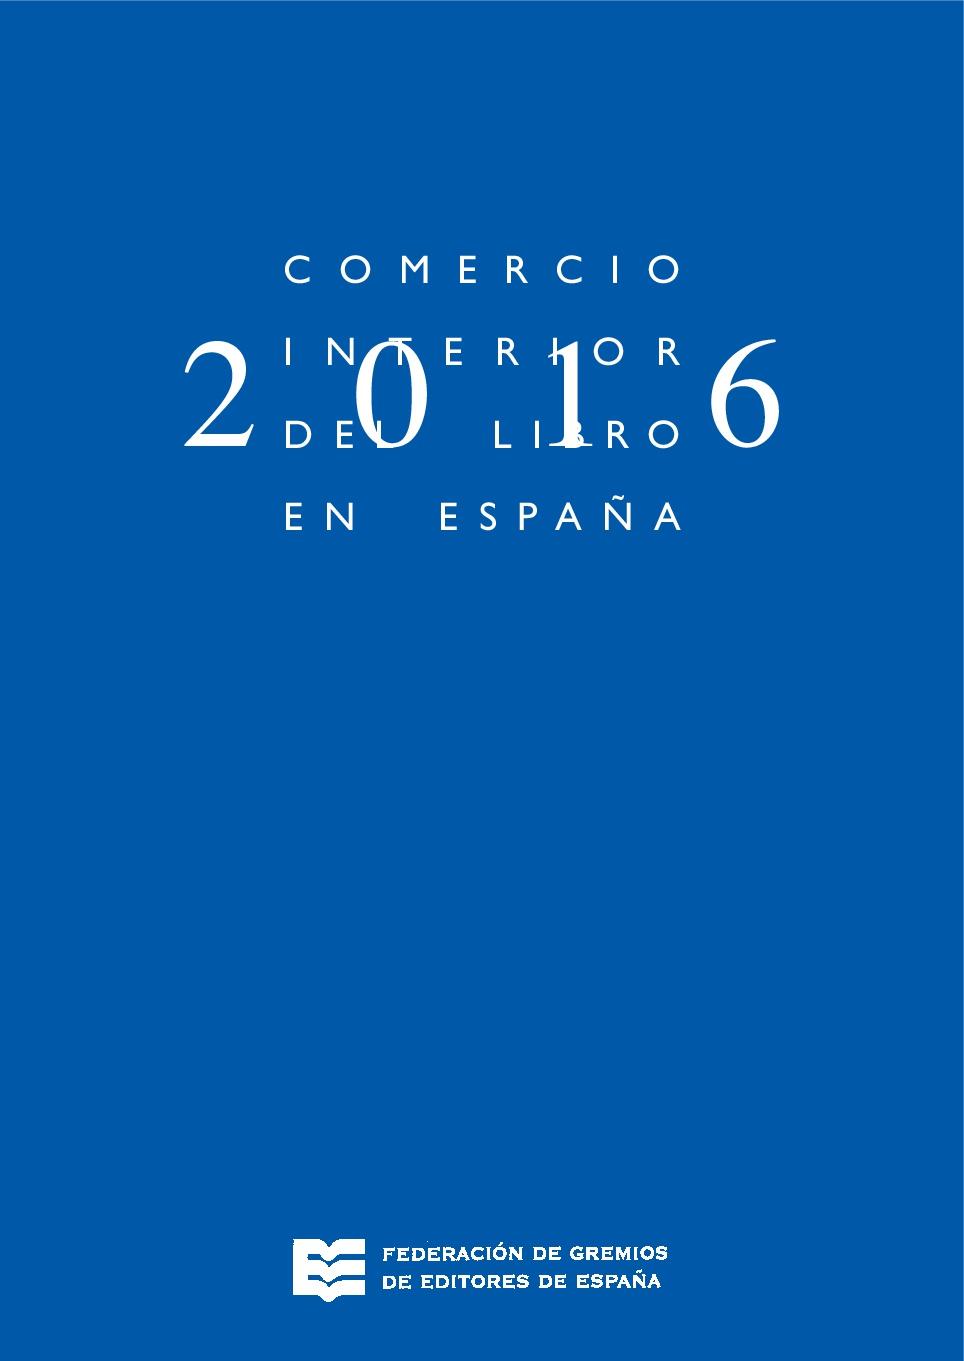 Comercio interior del libro en España 2016